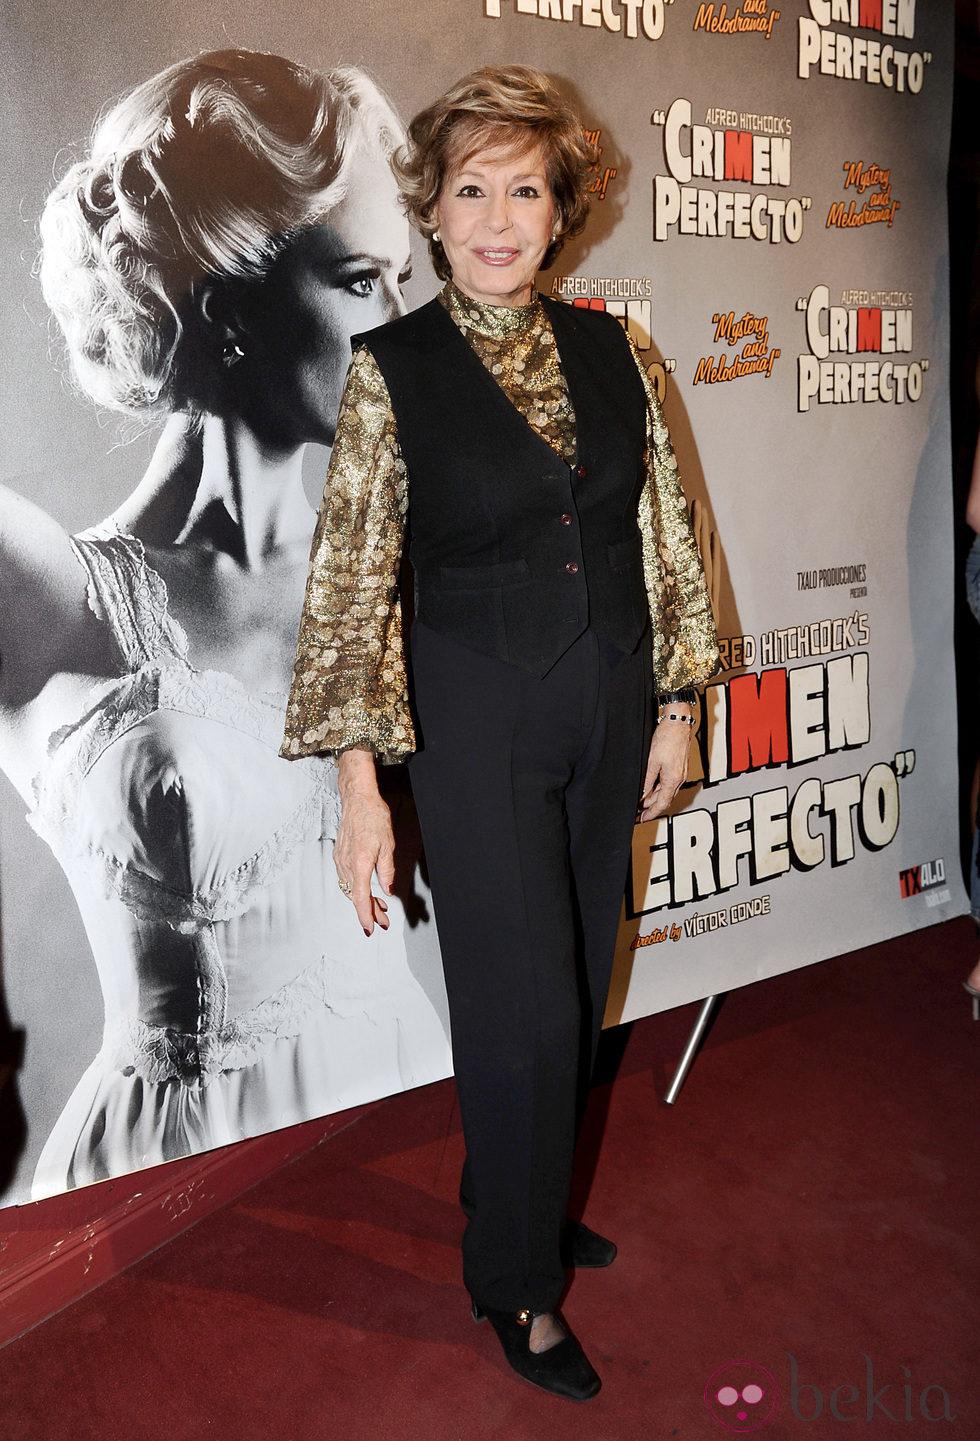 Laura Valenzuela en el estreno de 'Crimen Perfecto'